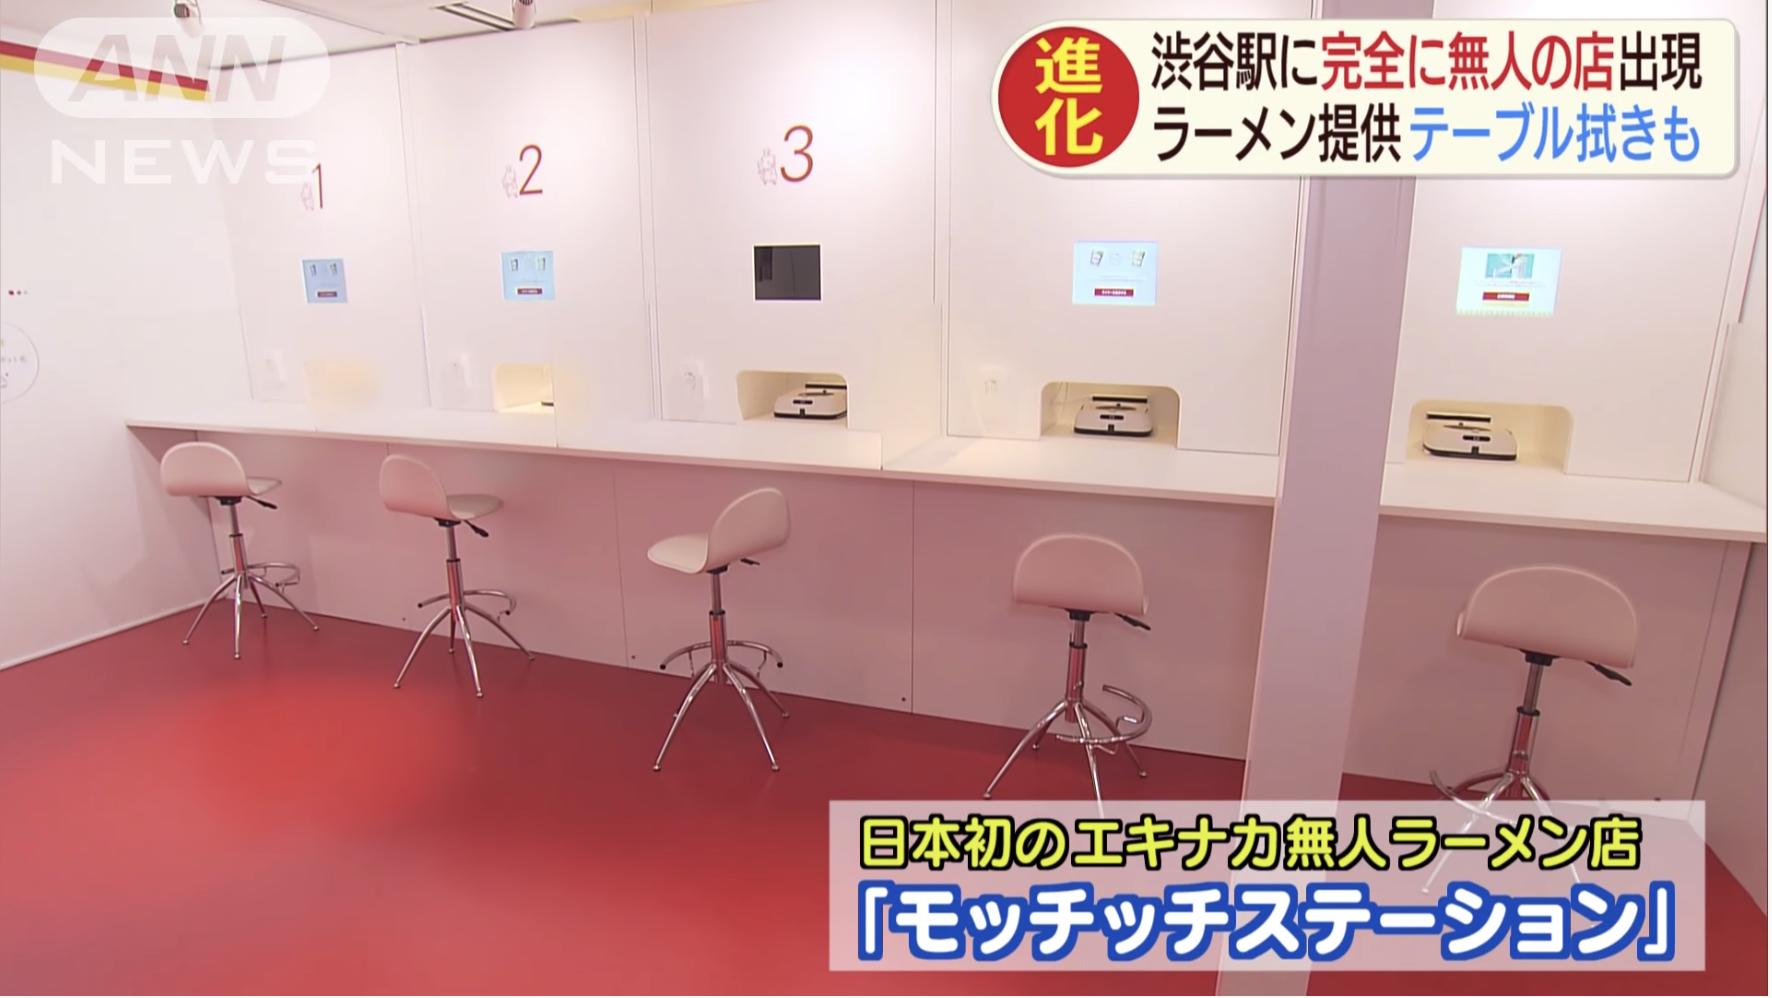 【エースコック】日本初!JR渋谷駅に無人ラーメン店登場